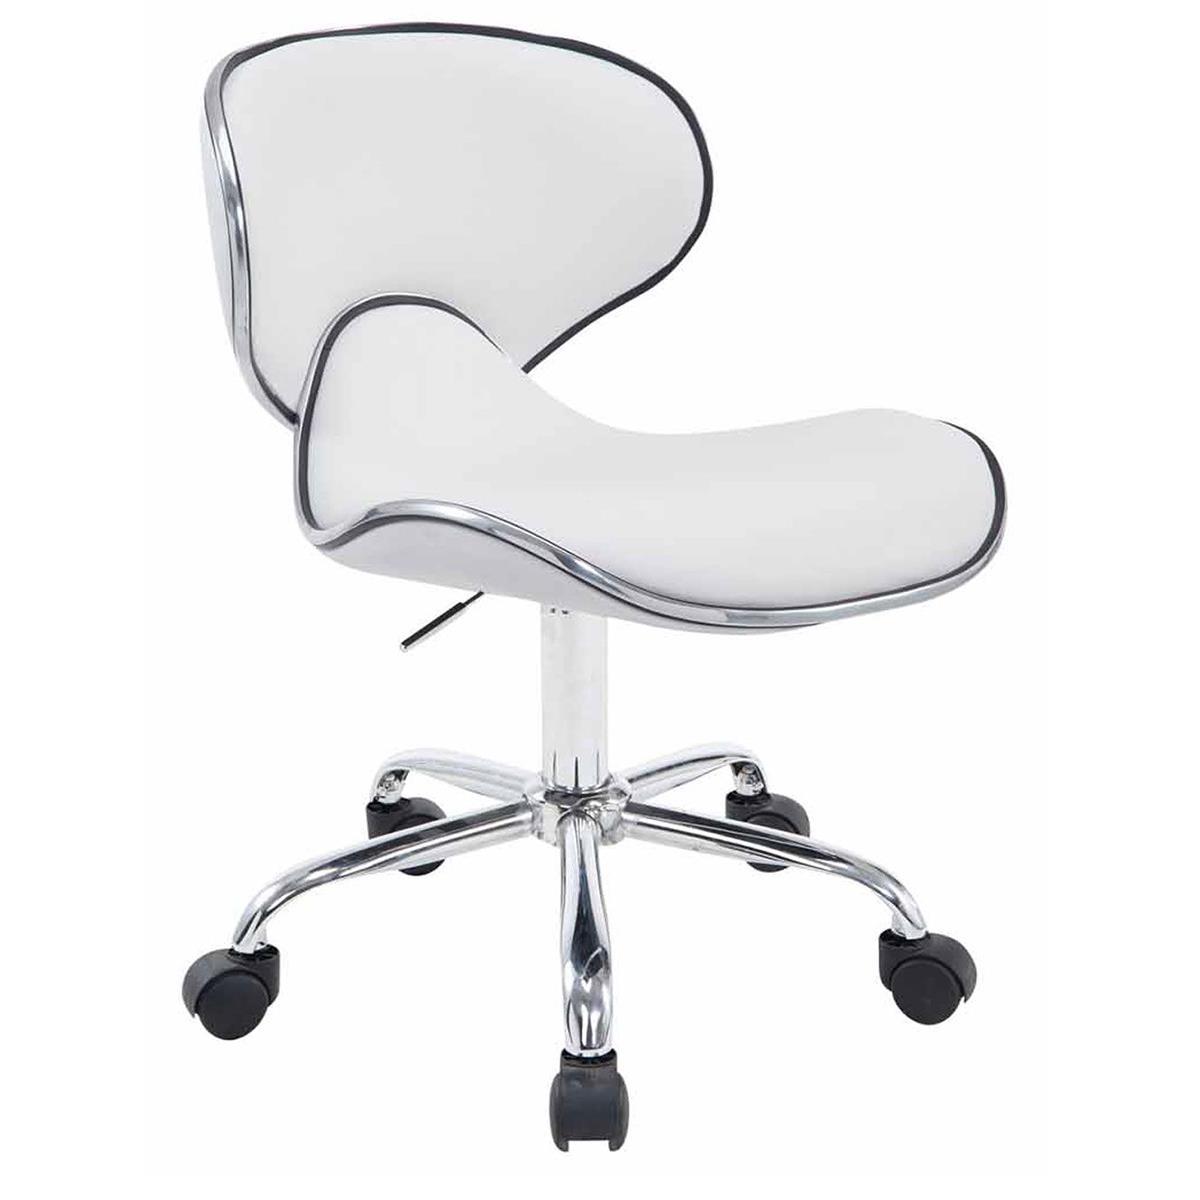 Cadeira De Escritorio Carlos Conforto Extra Cor Branco Cadeiraspro Pt